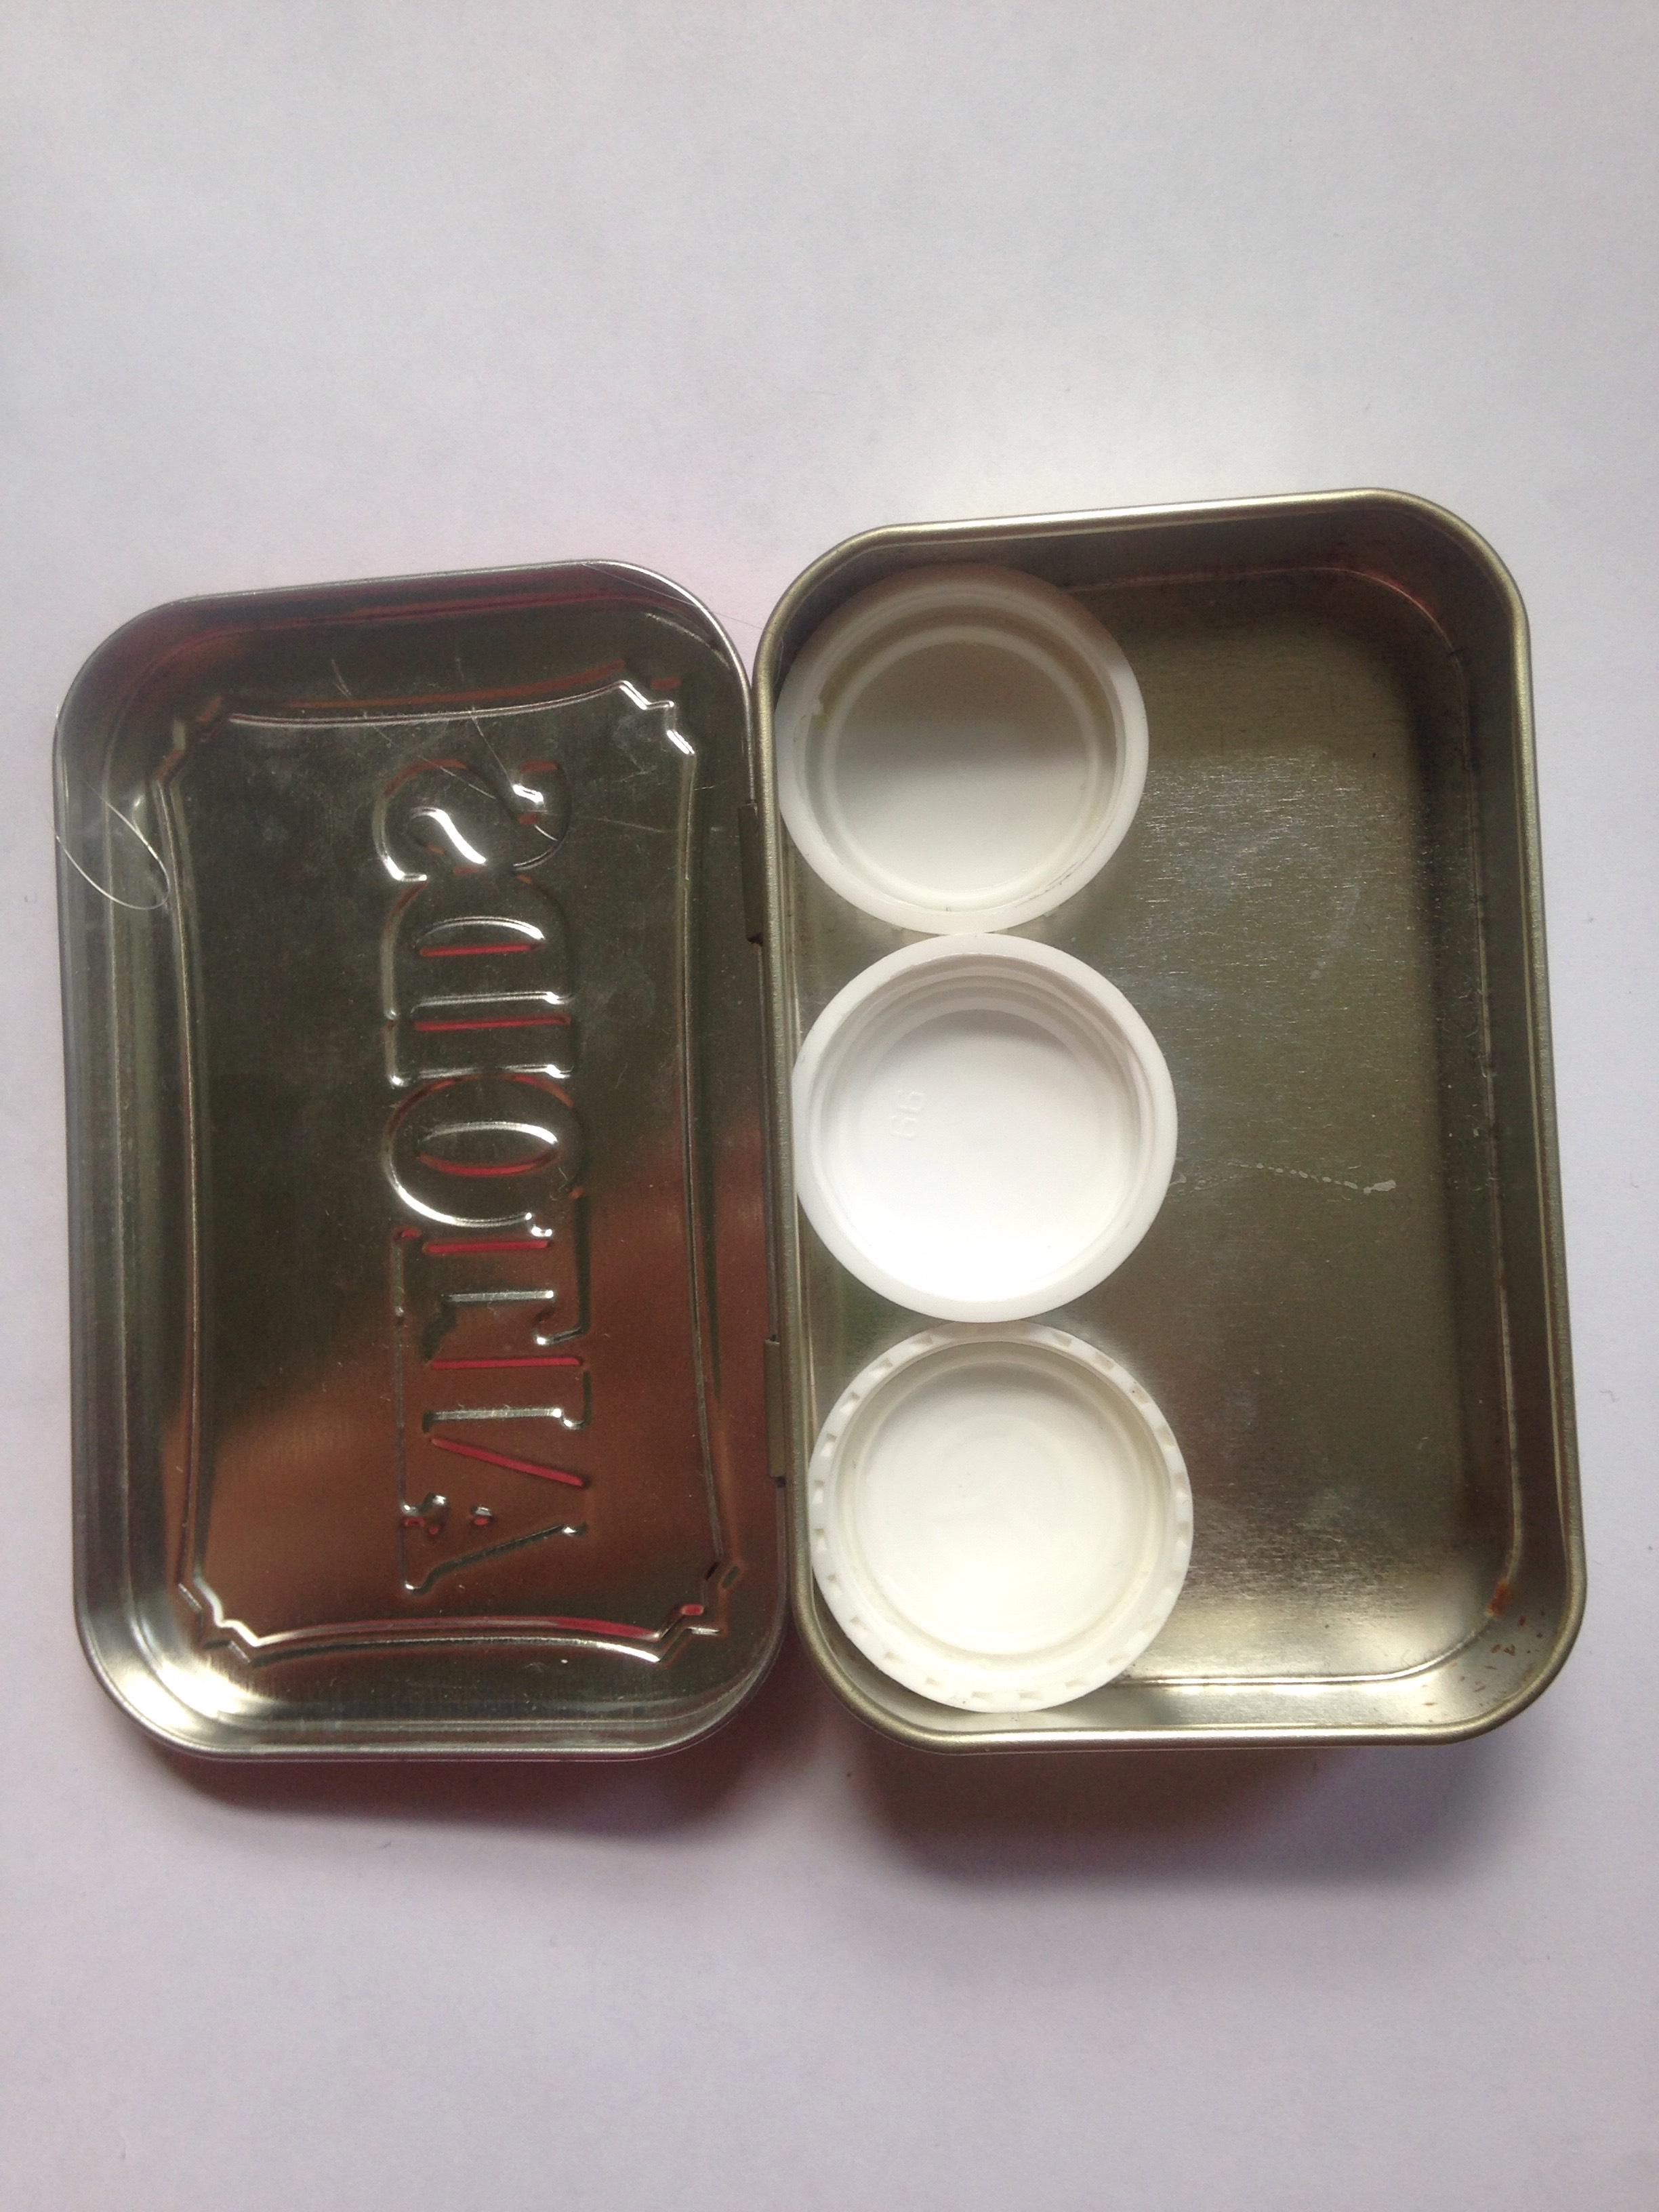 Picture of Glue Caps In